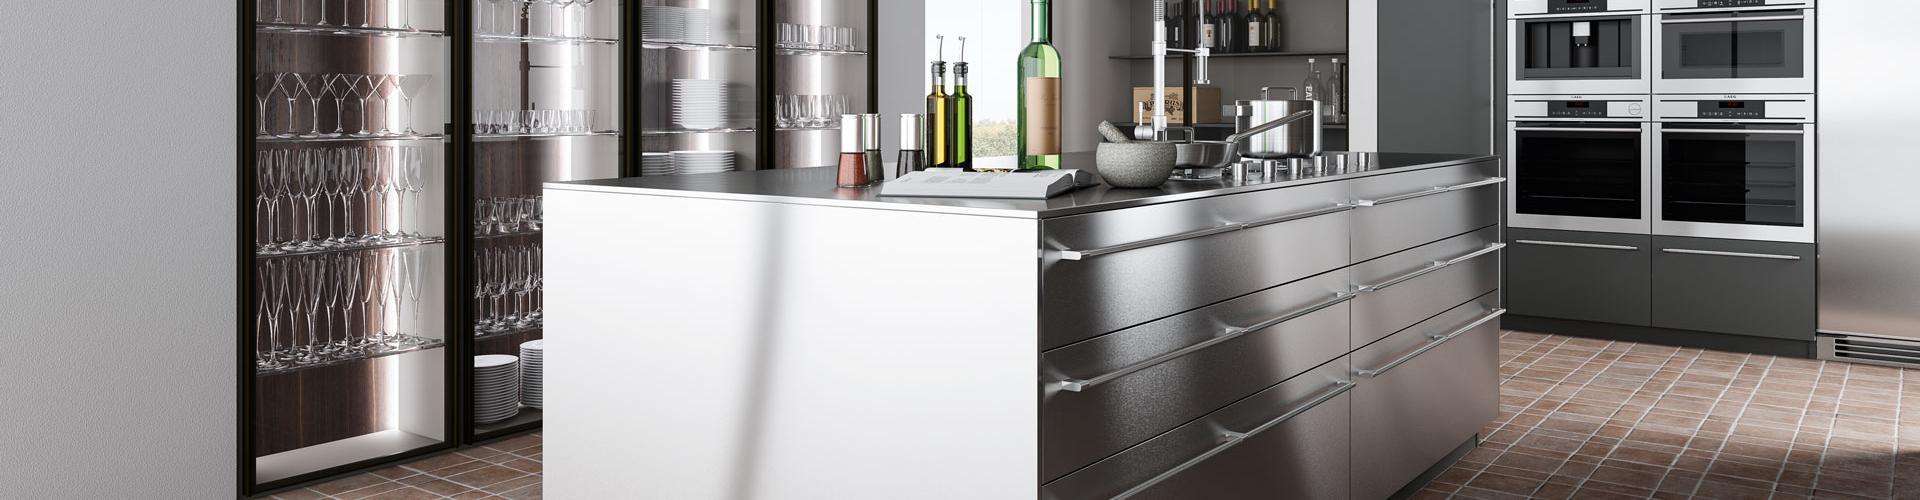 Quale materiale scegliere per le superfici della mia cucina?